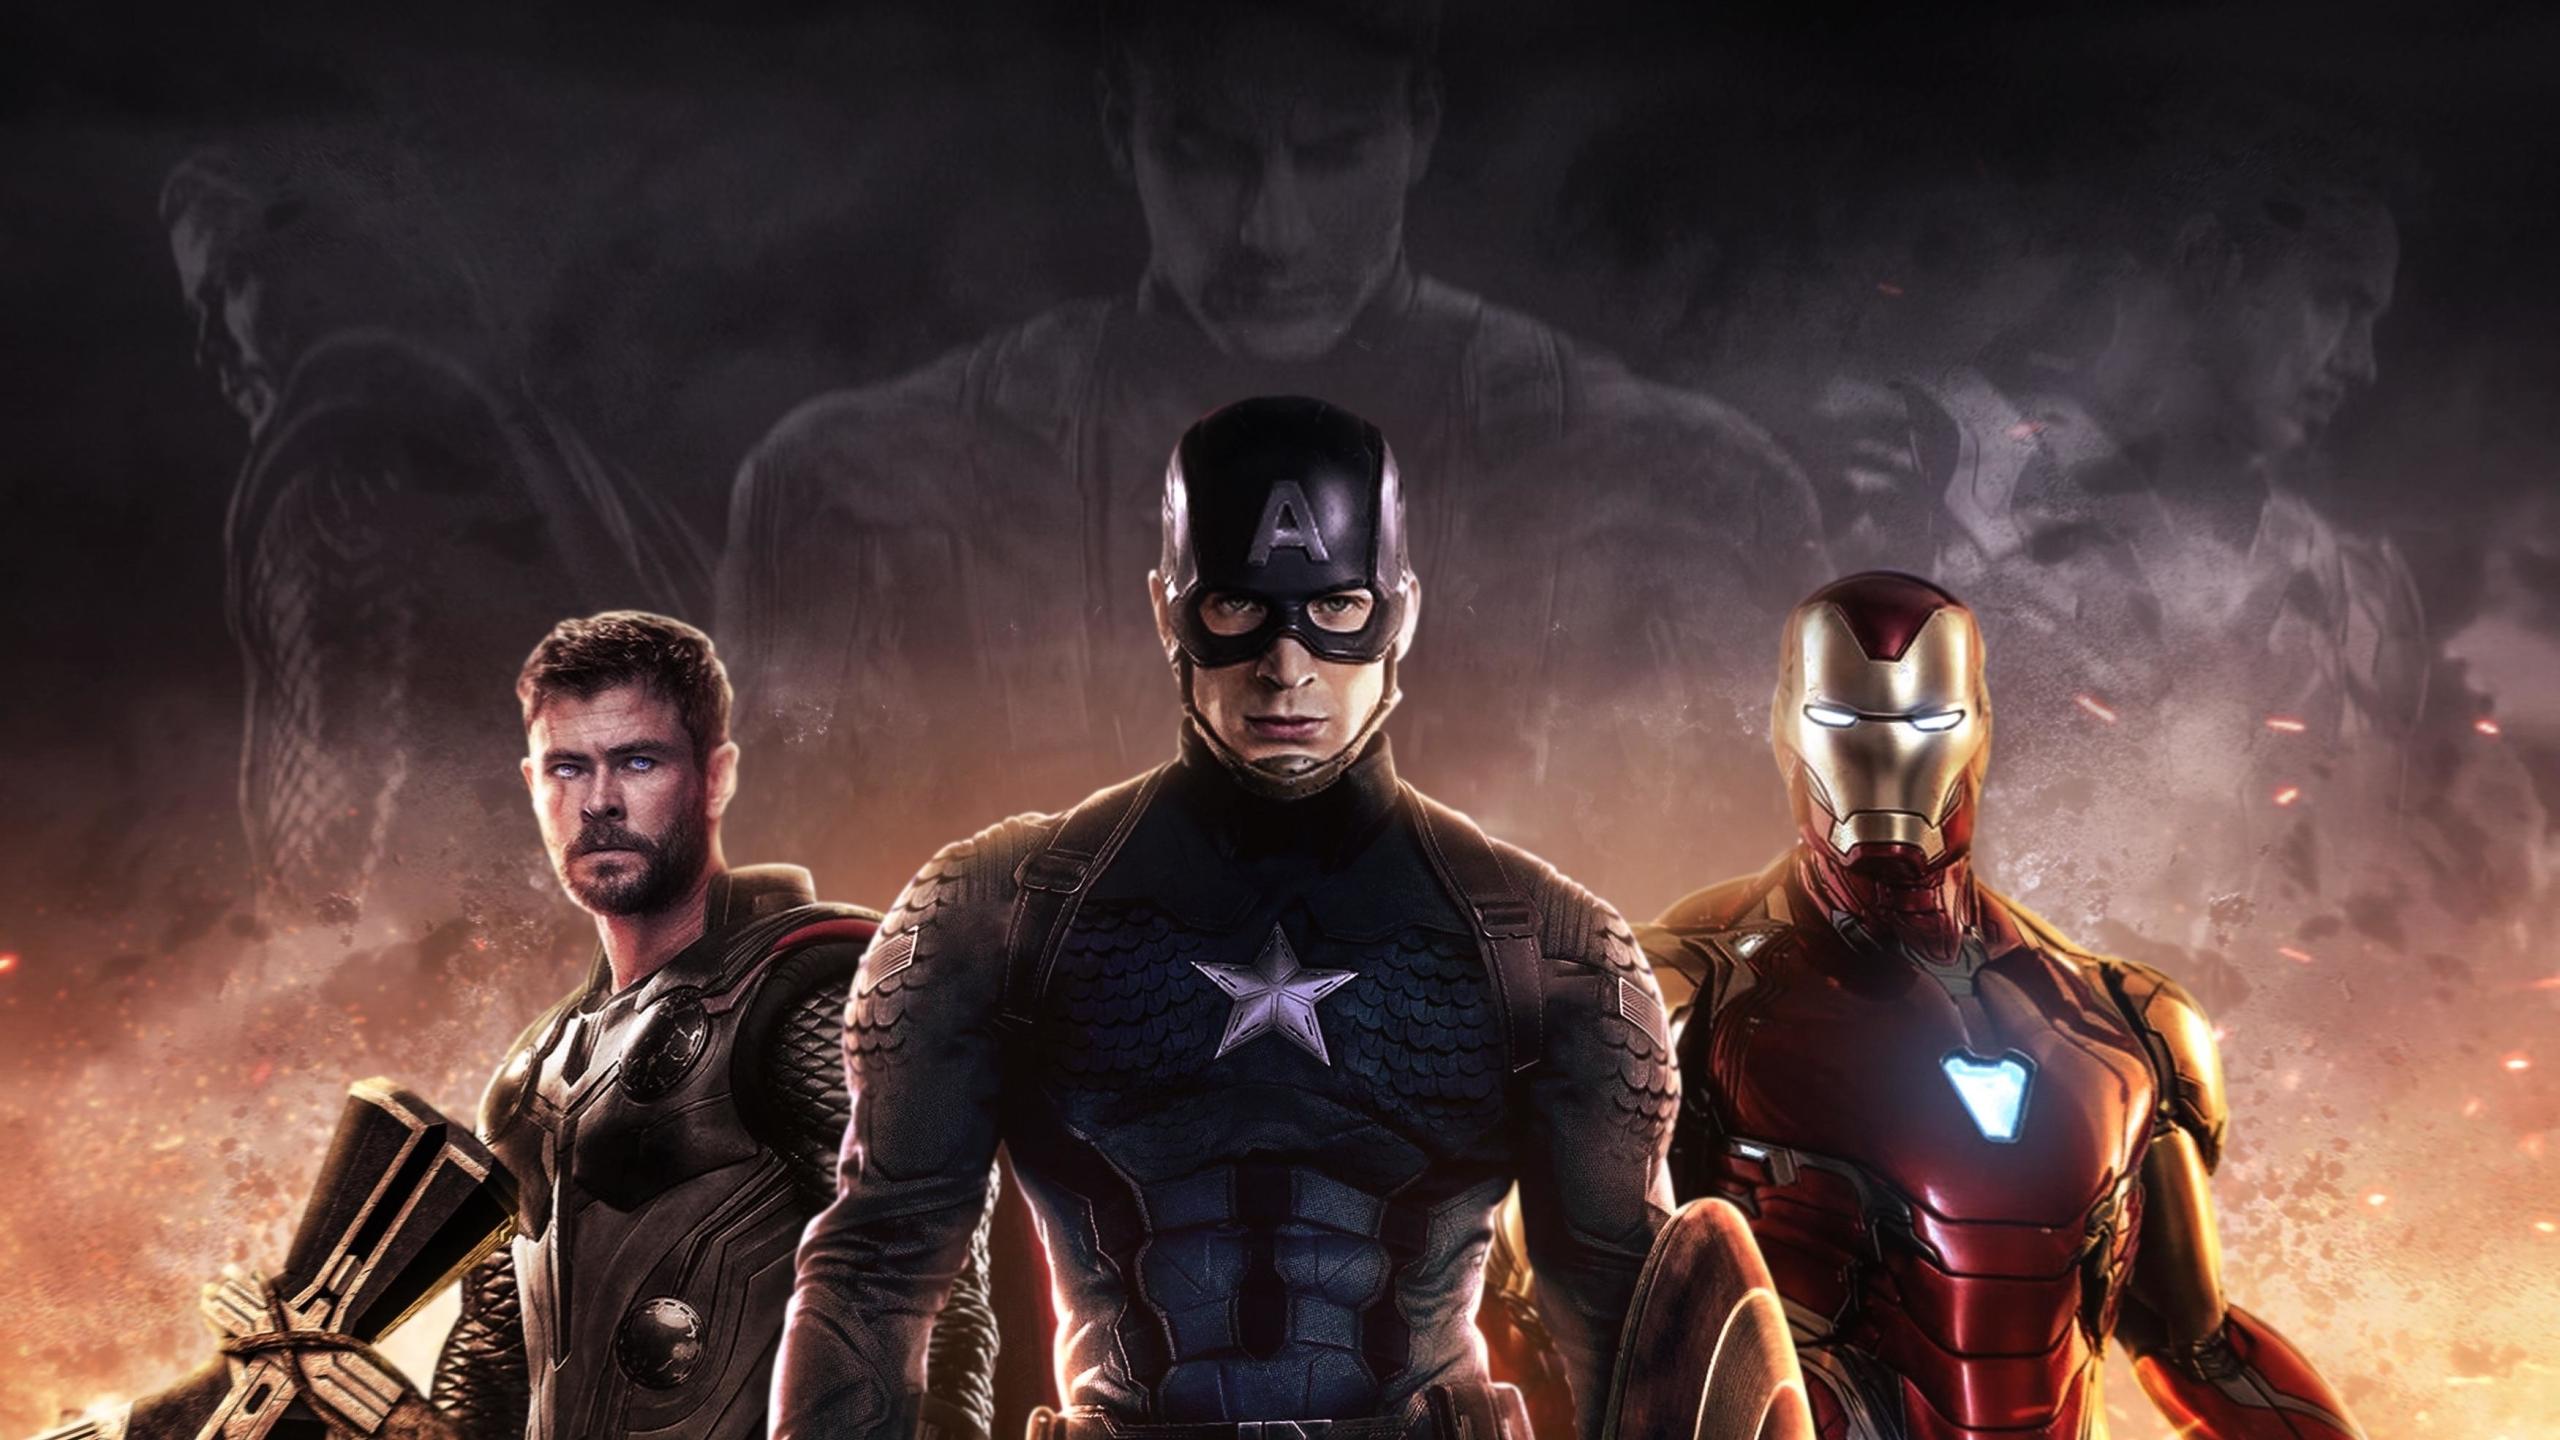 Avengers Captain America Wallpaper Hd